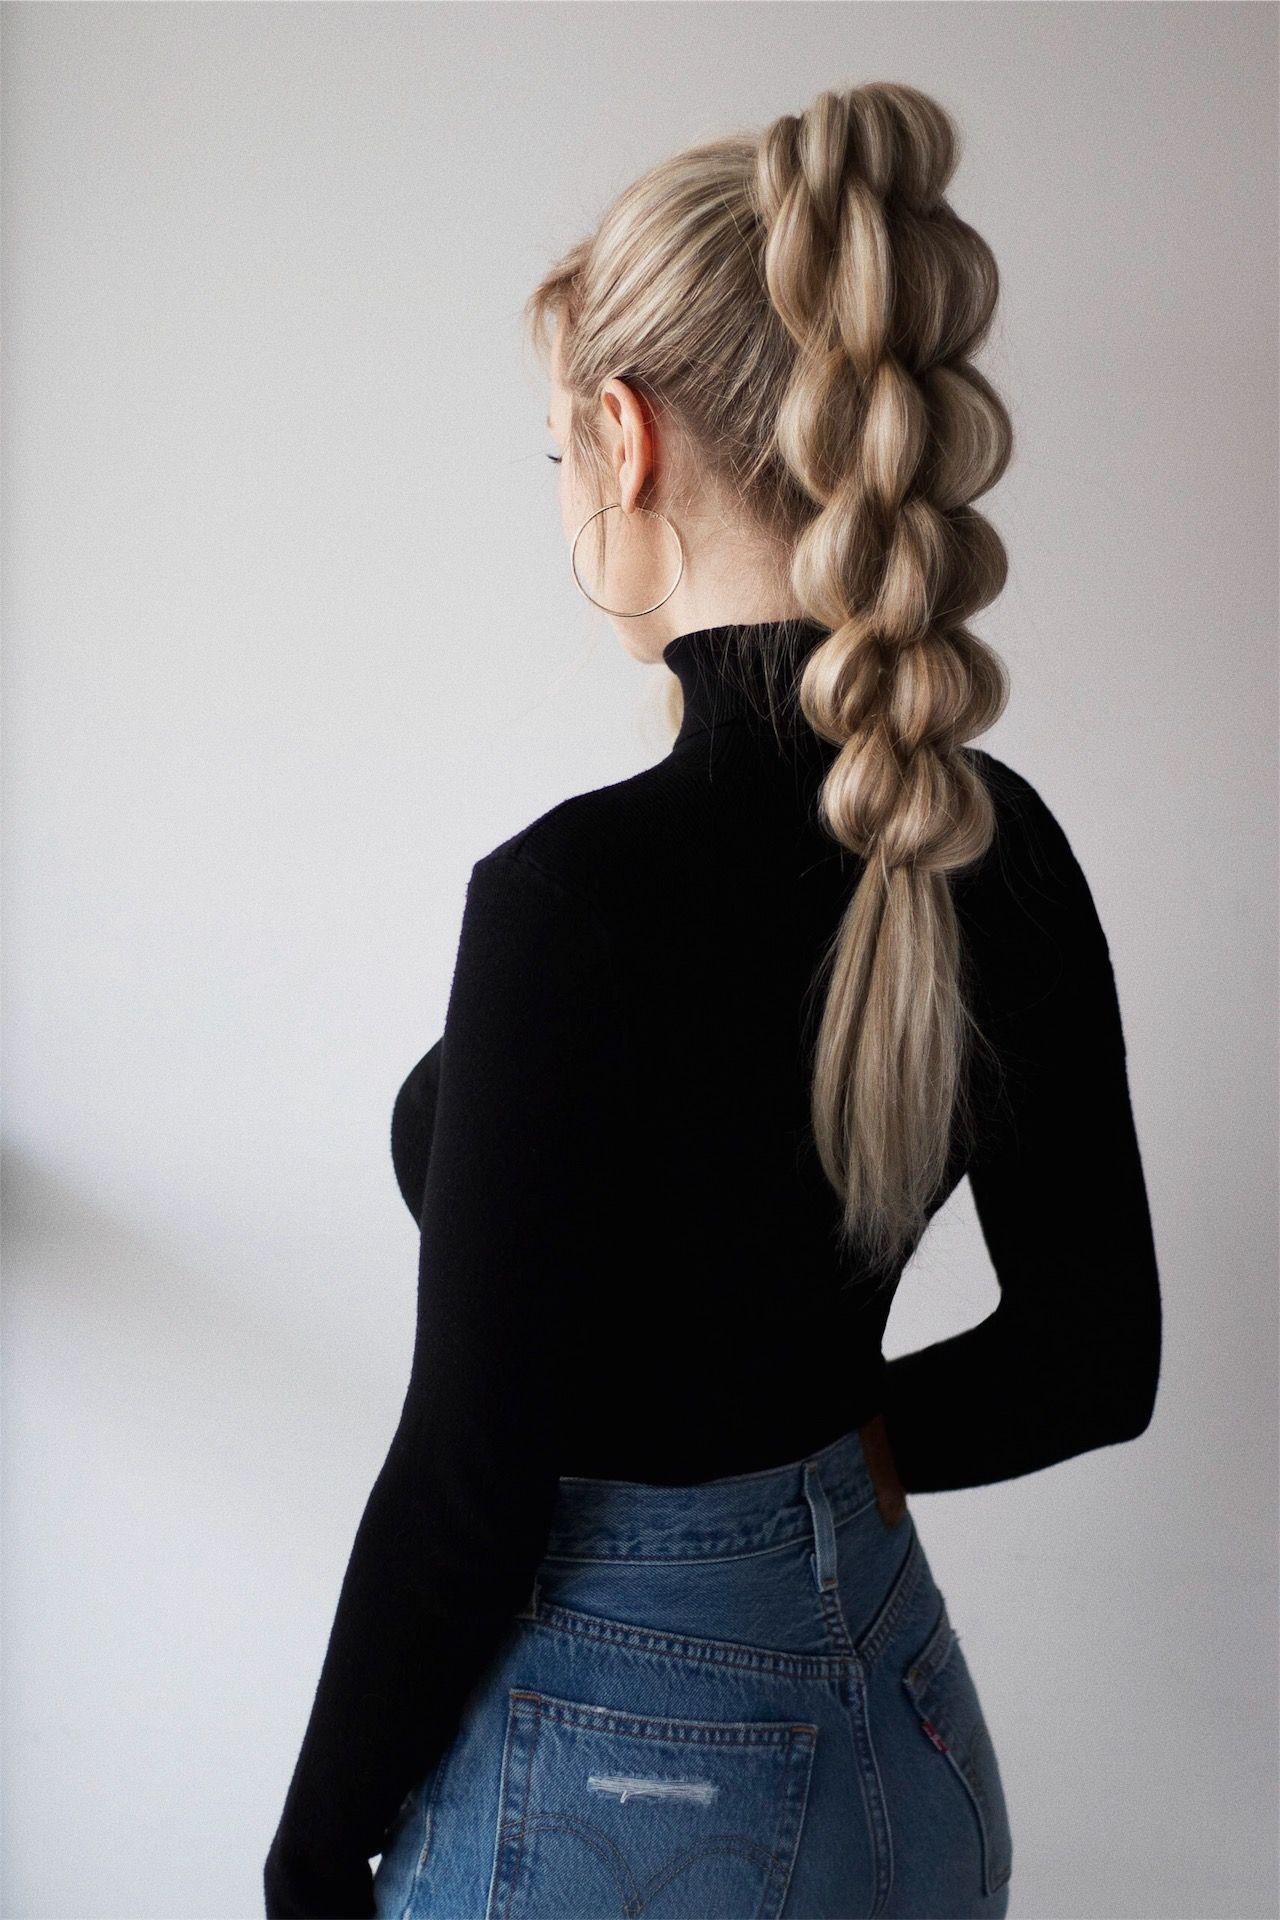 Unique Braided Ponytail Hair Tutorial - Alex Gaboury #hairtutorials